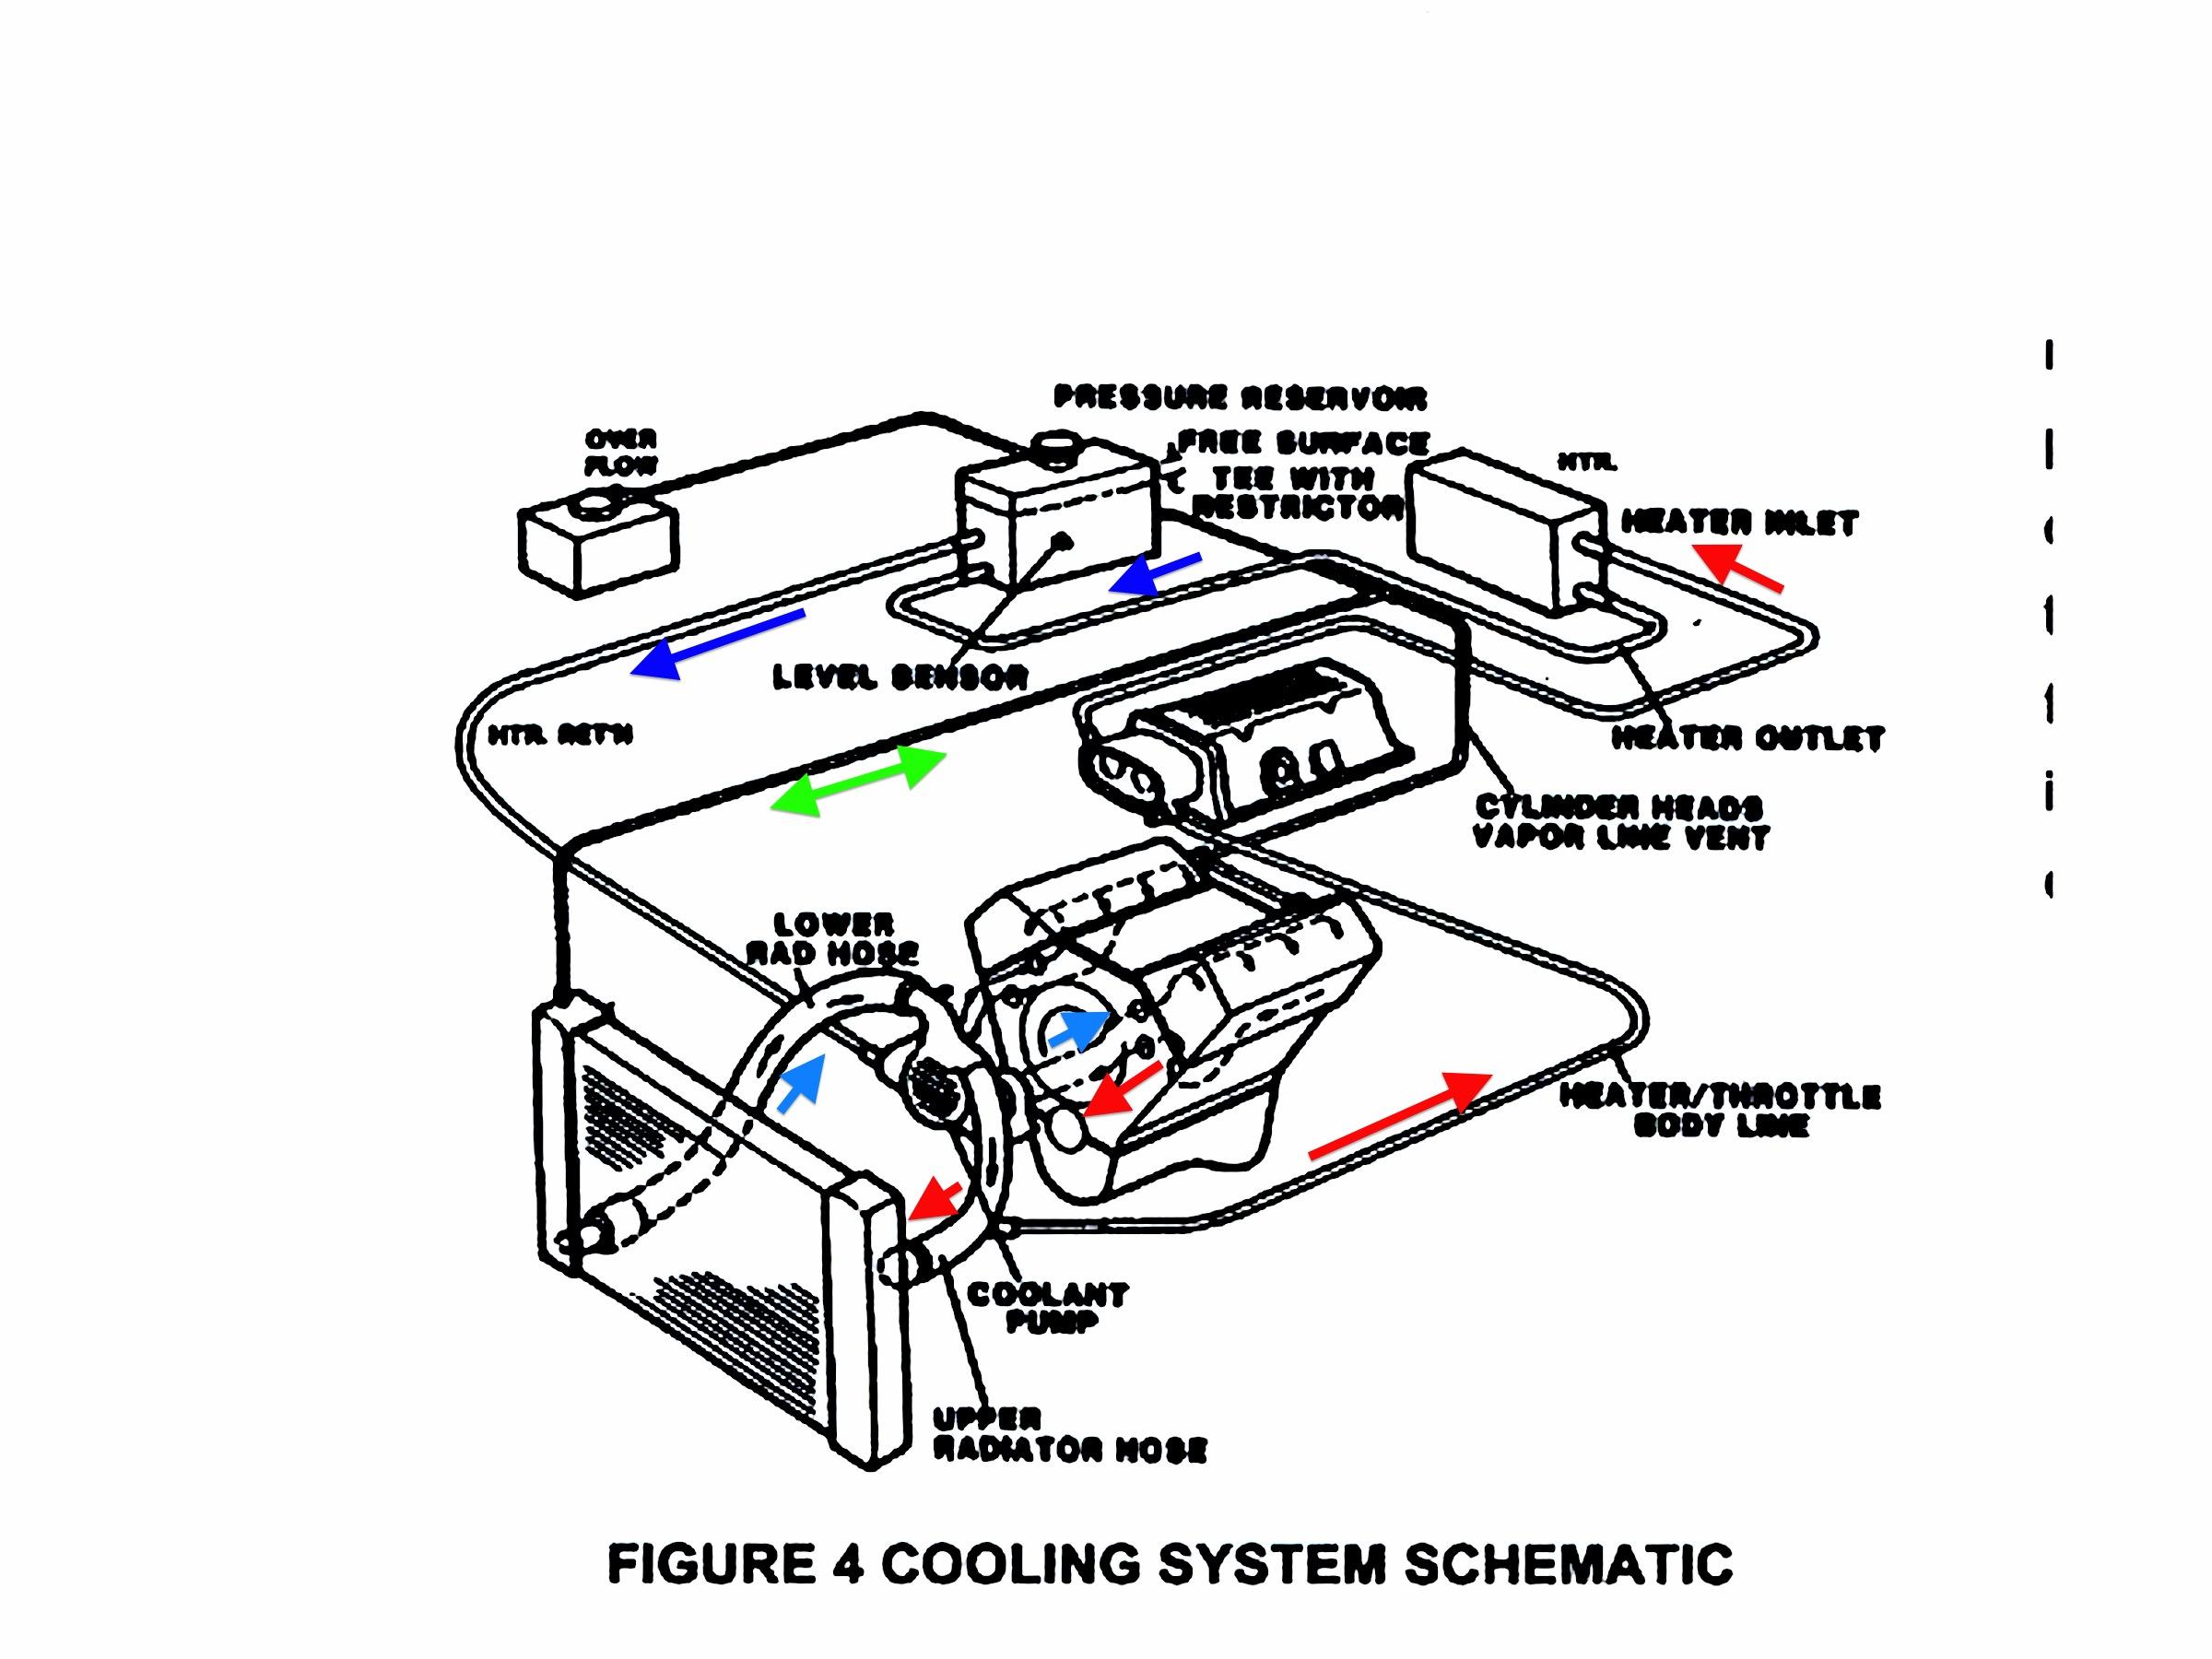 1988 Vette Heater Core H20 Flow Direction